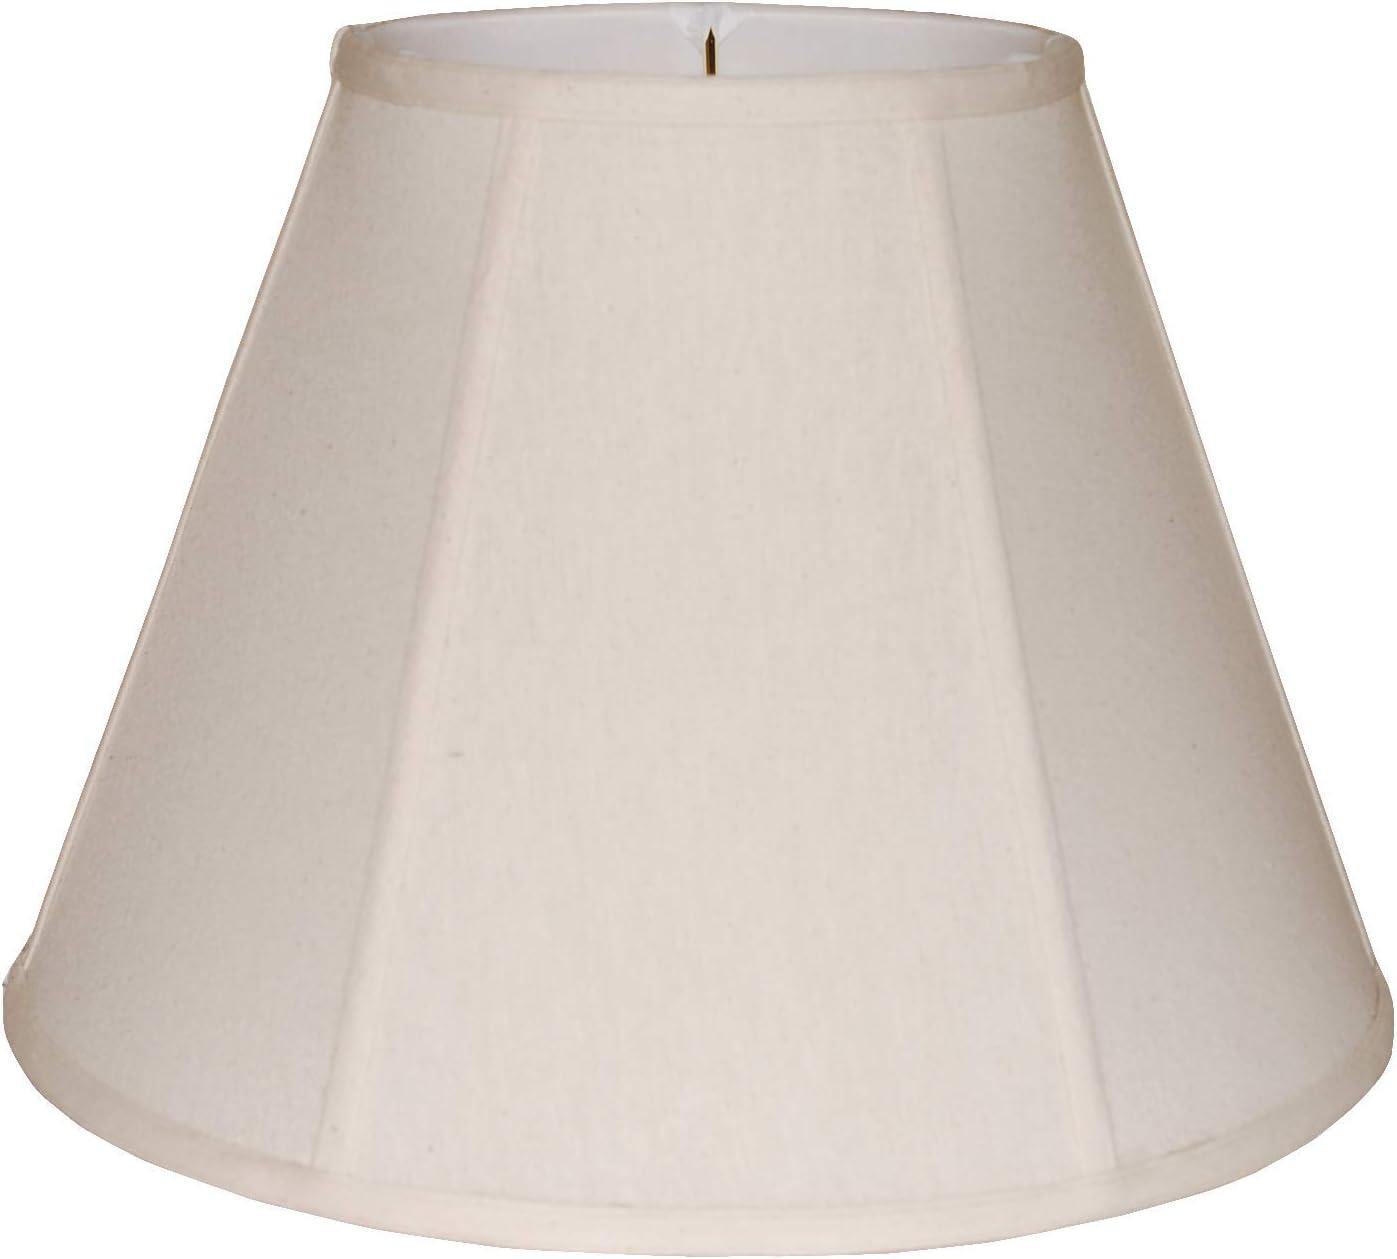 16 Empire Natural Linen Lamp Shade